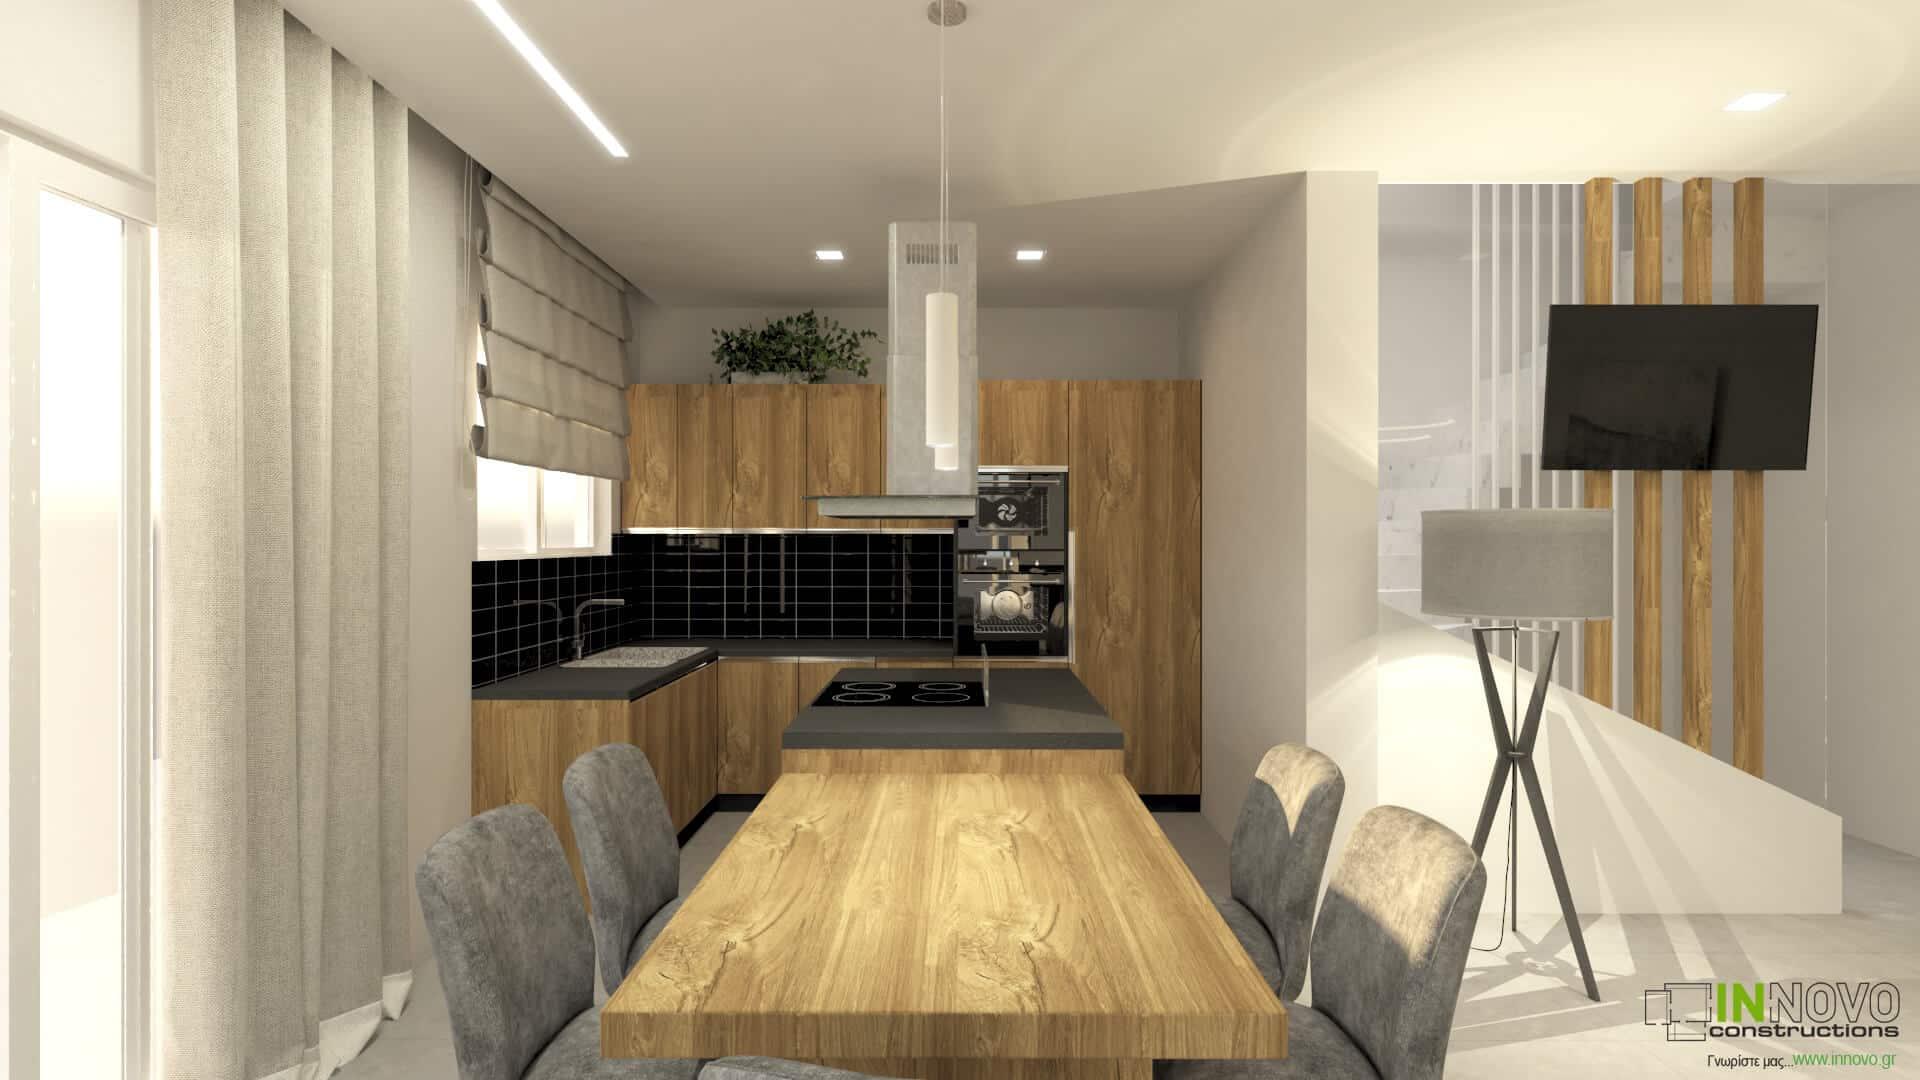 Σχεδιασμός ανακαίνισης κατοικίας στον Υμηττό